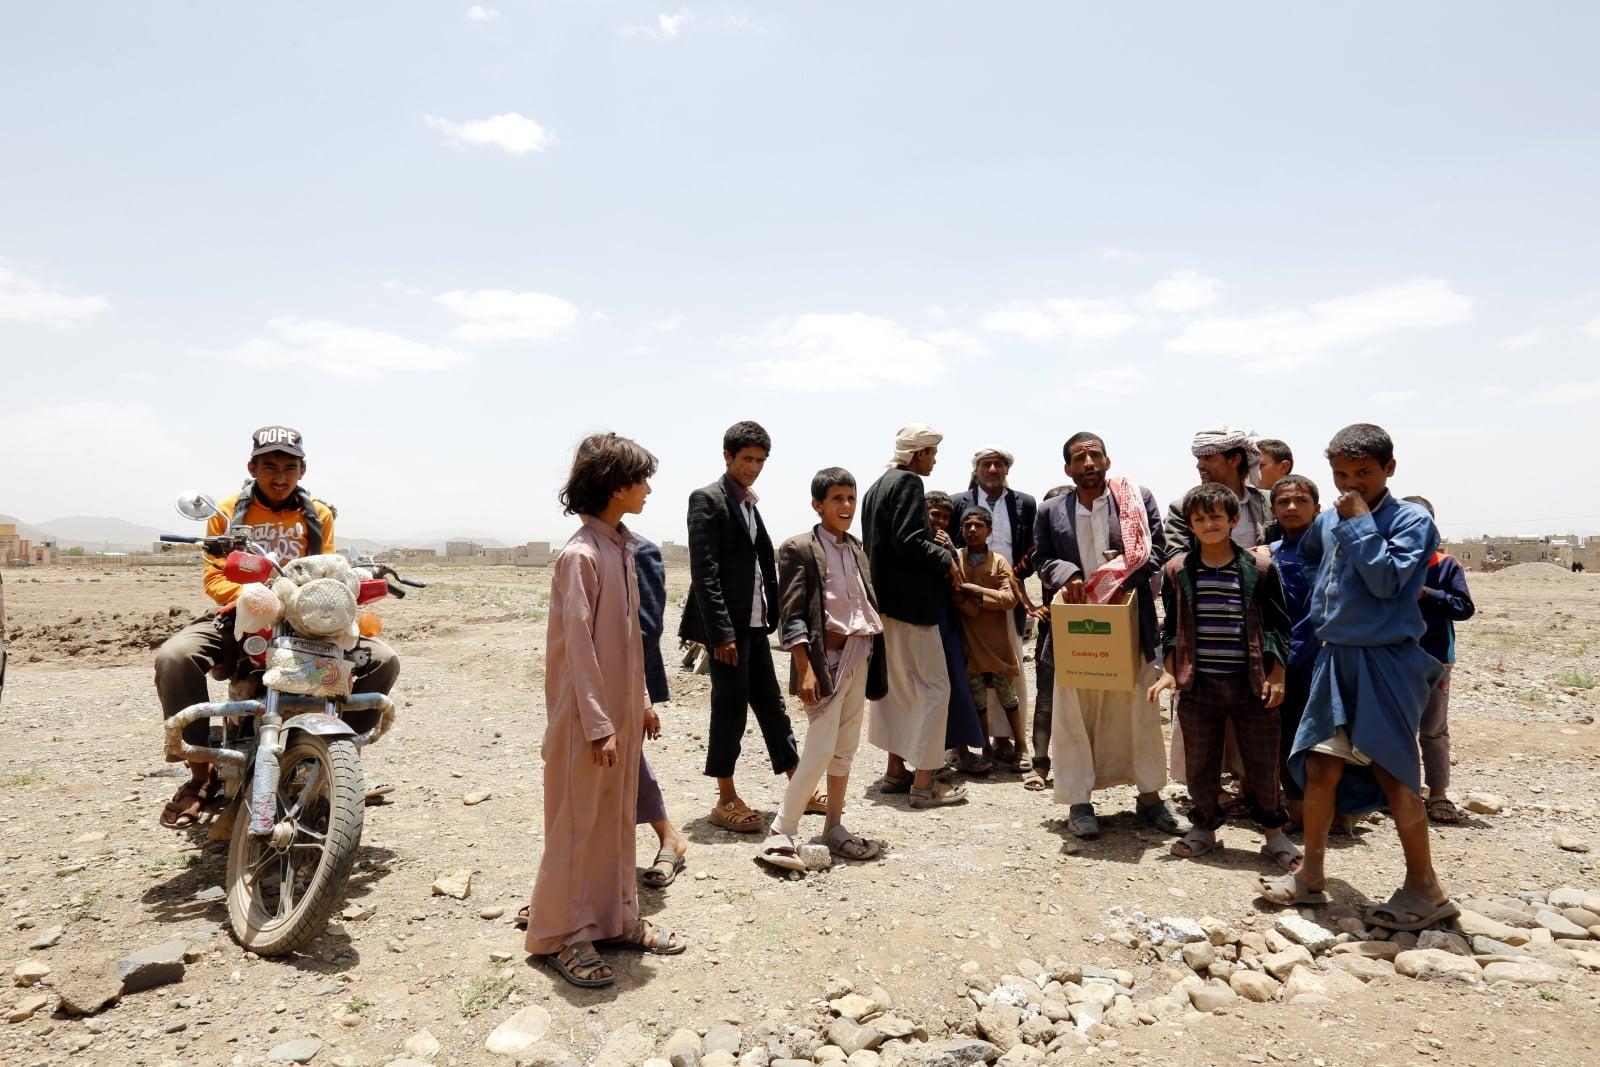 Dotknięci katastrofą Jemeńczycy czekają na dostawy żywności. Trwający konflikt w Jemenie spowodował najgorszy kryzys humanitarny na świecie, gdzie około 75 procent 26 milionów ludności Jemenu potrzebuje pomocy humanitarnej, fot. EPA/YAHYA ARHAB